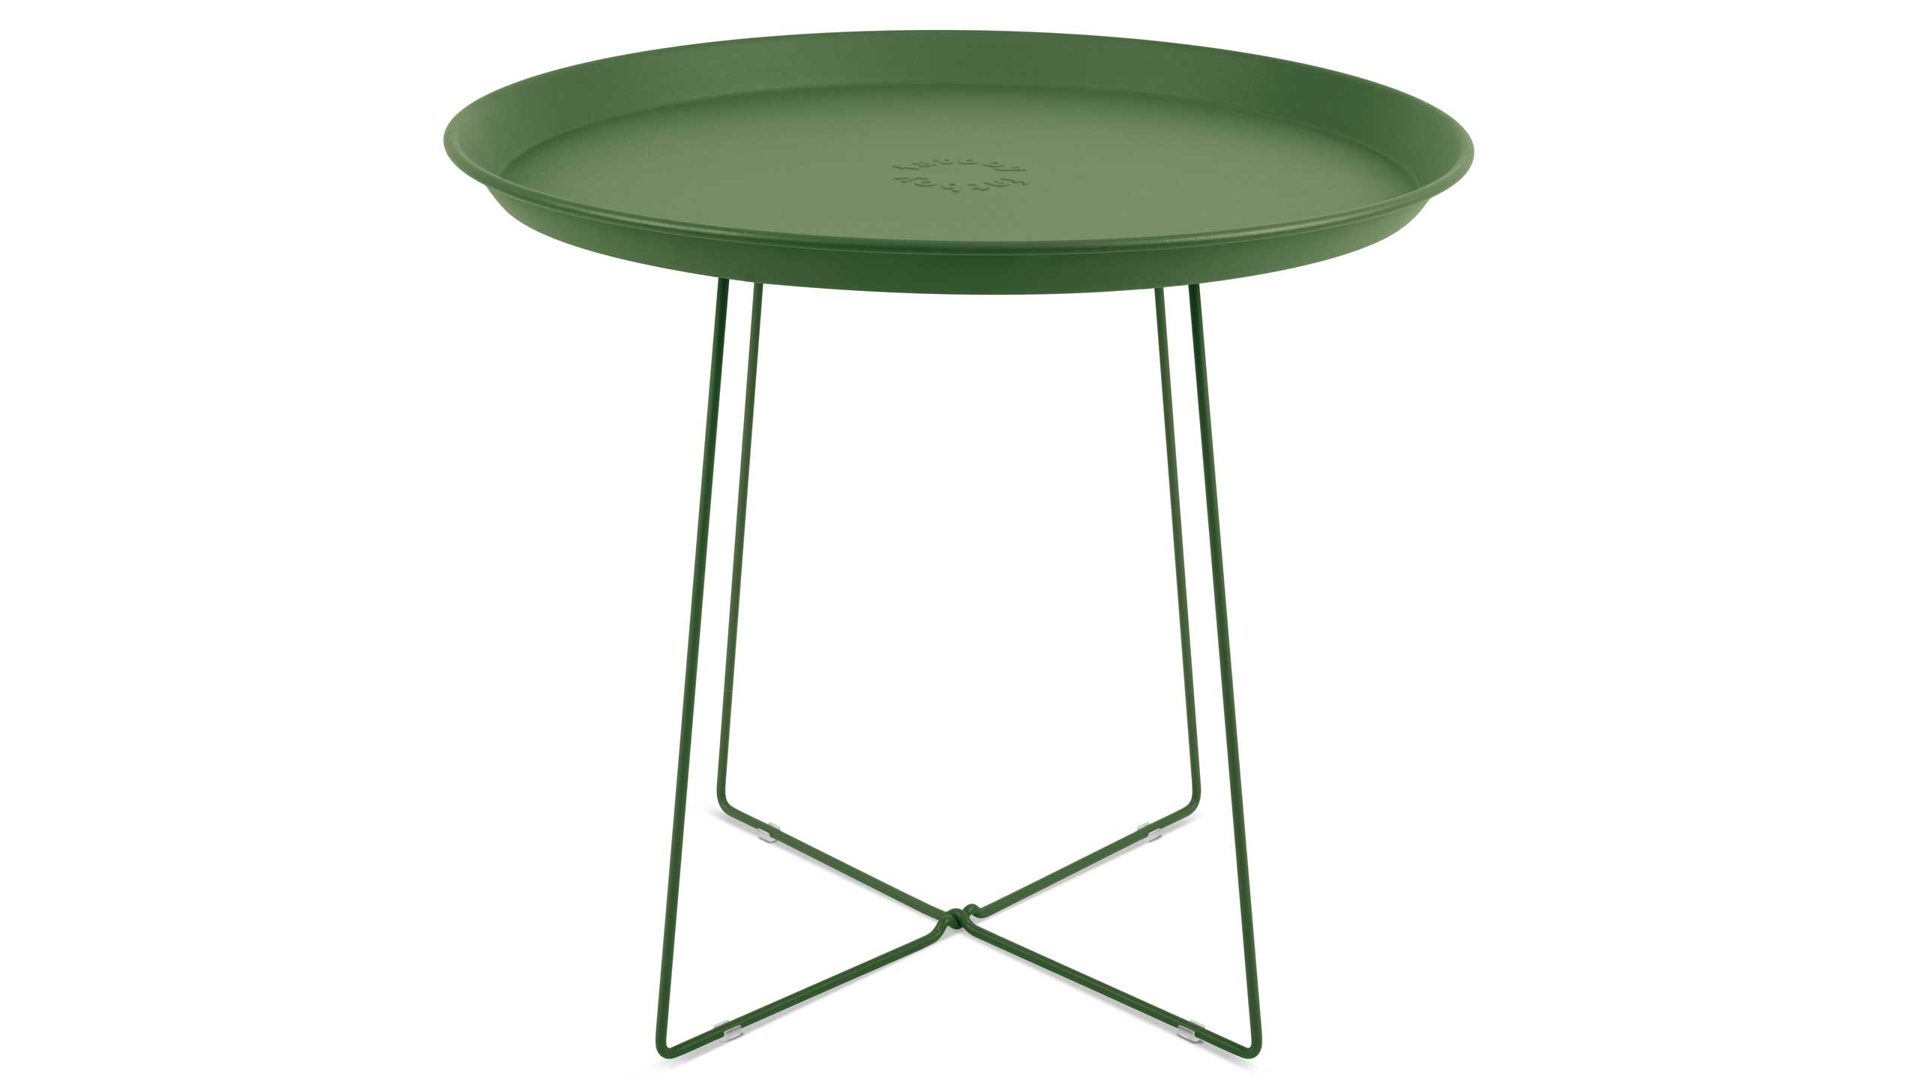 Fatboy Beistelltisch Plat O Industrial Green Tisch Gartentisch Grun